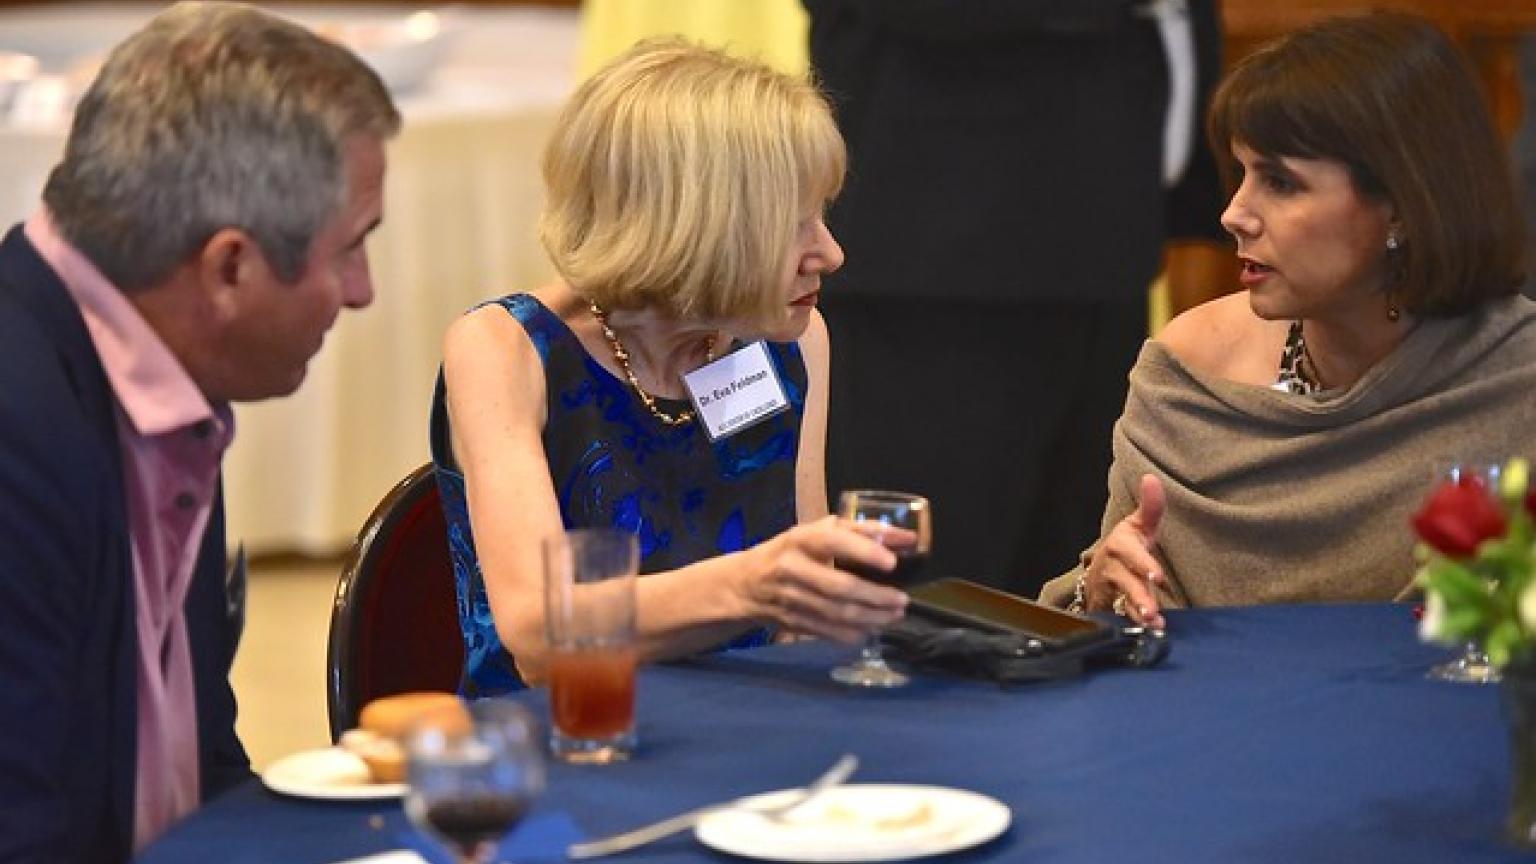 Scott Pranger, Dr. Eva Feldman and Ronnette Coleman